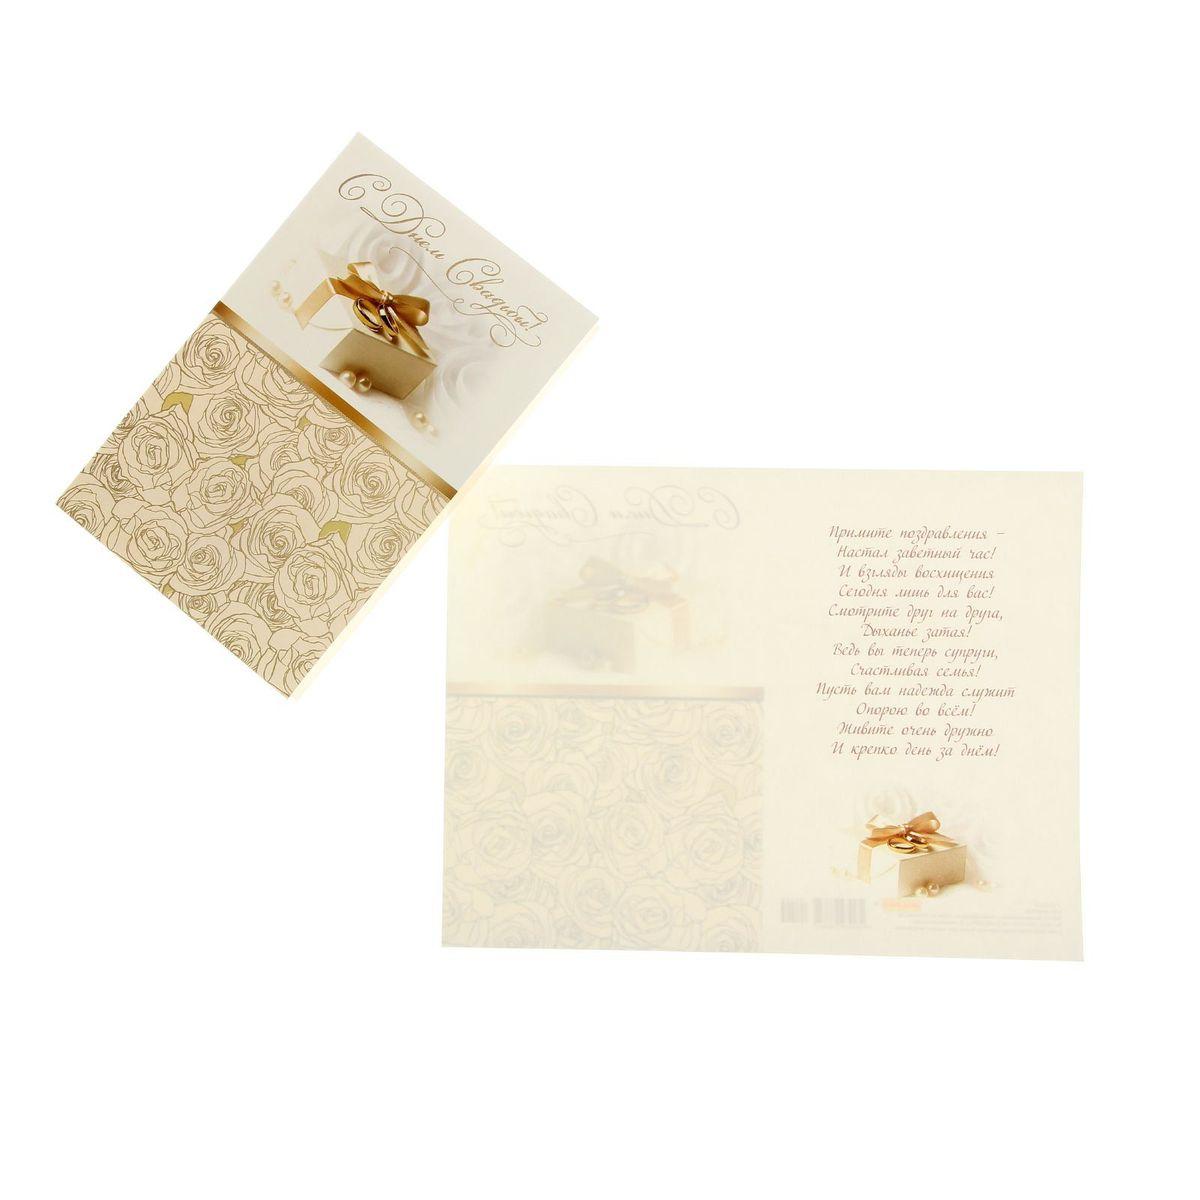 Открытка Миленд С днем свадьбы! Подарок1376706Если вы хотите порадовать себя или близких, создать праздничное настроение и с улыбкой провести памятный день, то вы, несомненно, сделали правильный выбор! Открытка Миленд С днем свадьбы! Подарок, выполненная из плотной бумаги, отличается не только оригинальным дизайном, но и высоким качеством. Лицевая сторона изделия оформлена ярким изображением. Внутри открытка содержит текст с поздравлением. Такая открытка непременно порадует получателя и станет отличным напоминанием о проведенном вместе времени.